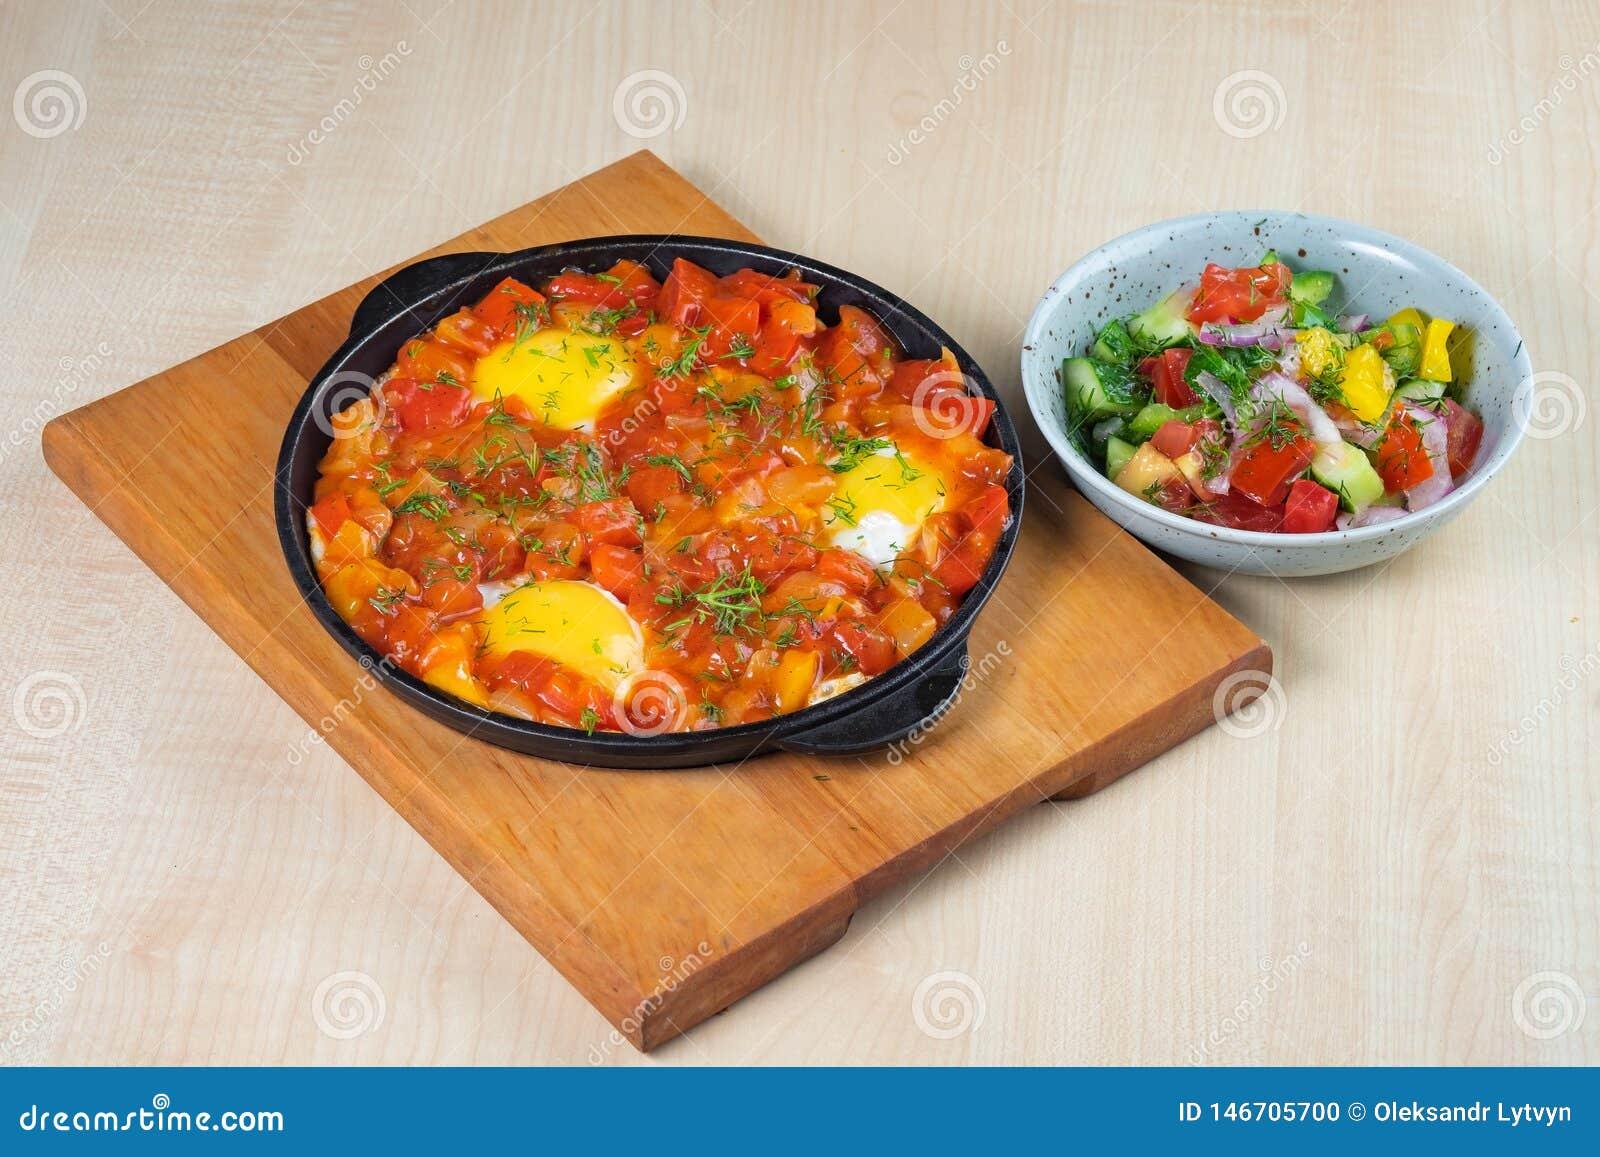 Omelette avec les poivrons doux dans une gauffreuse sur un conseil en bois et une salade végétale